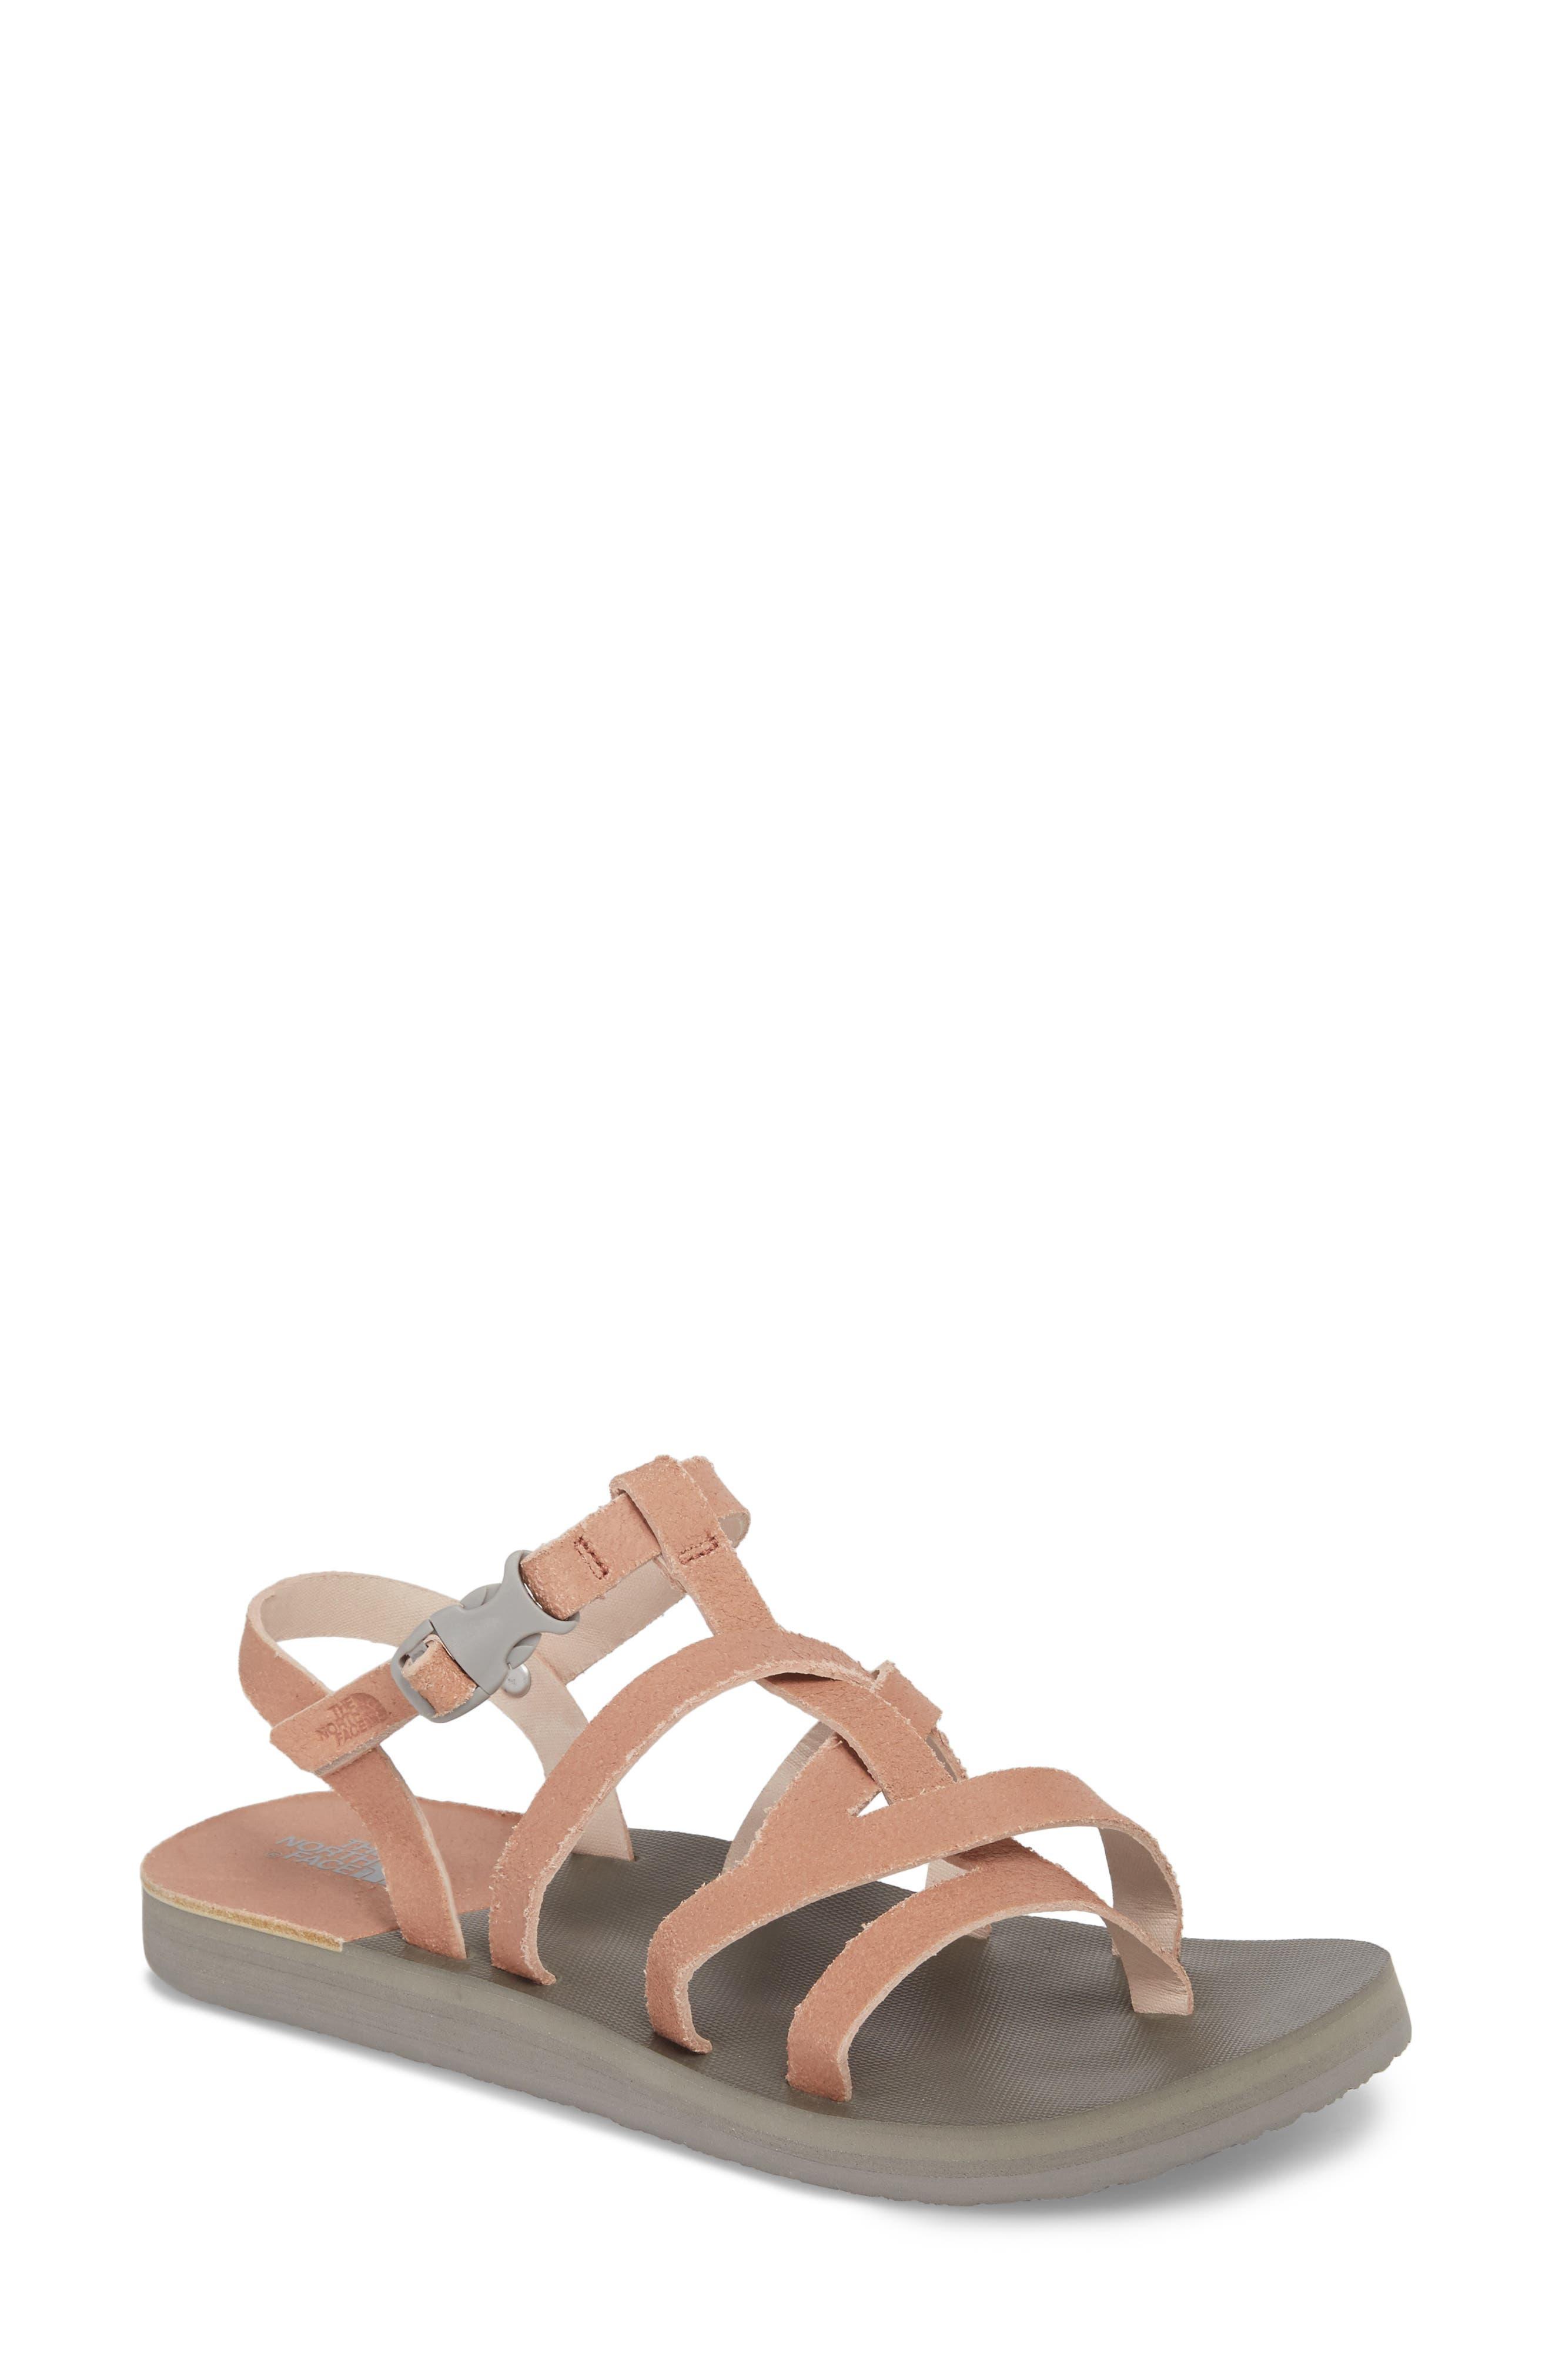 Base Camp Plus II Gladiator Sandal,                         Main,                         color, Evening Sand Pink/ Foil Grey